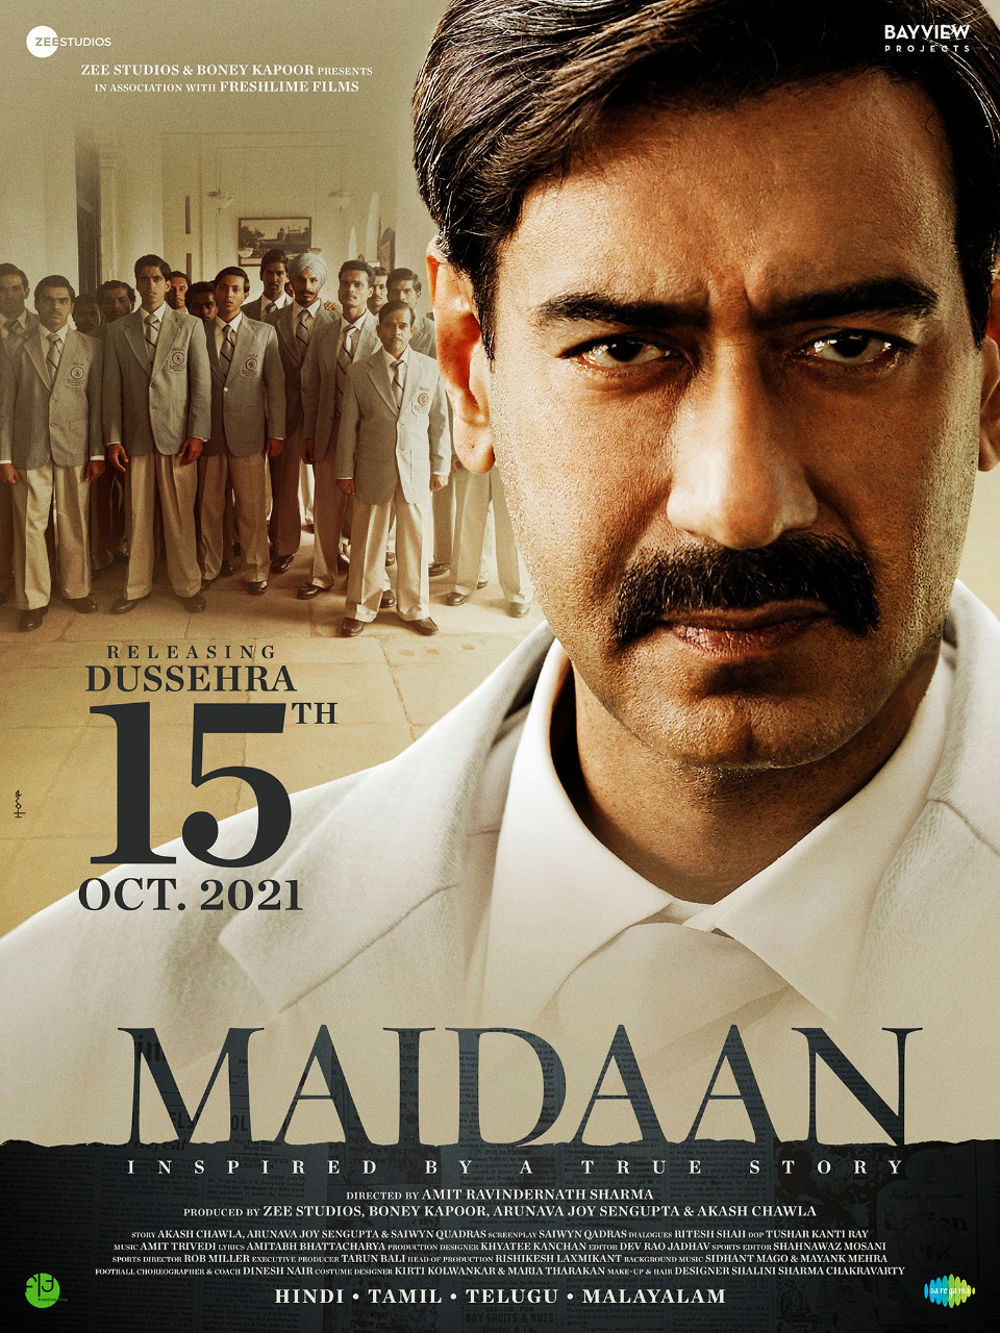 Actor Ajay Devgan Maidaan Movie Release on 15th October 2021 as Dussehra Gift